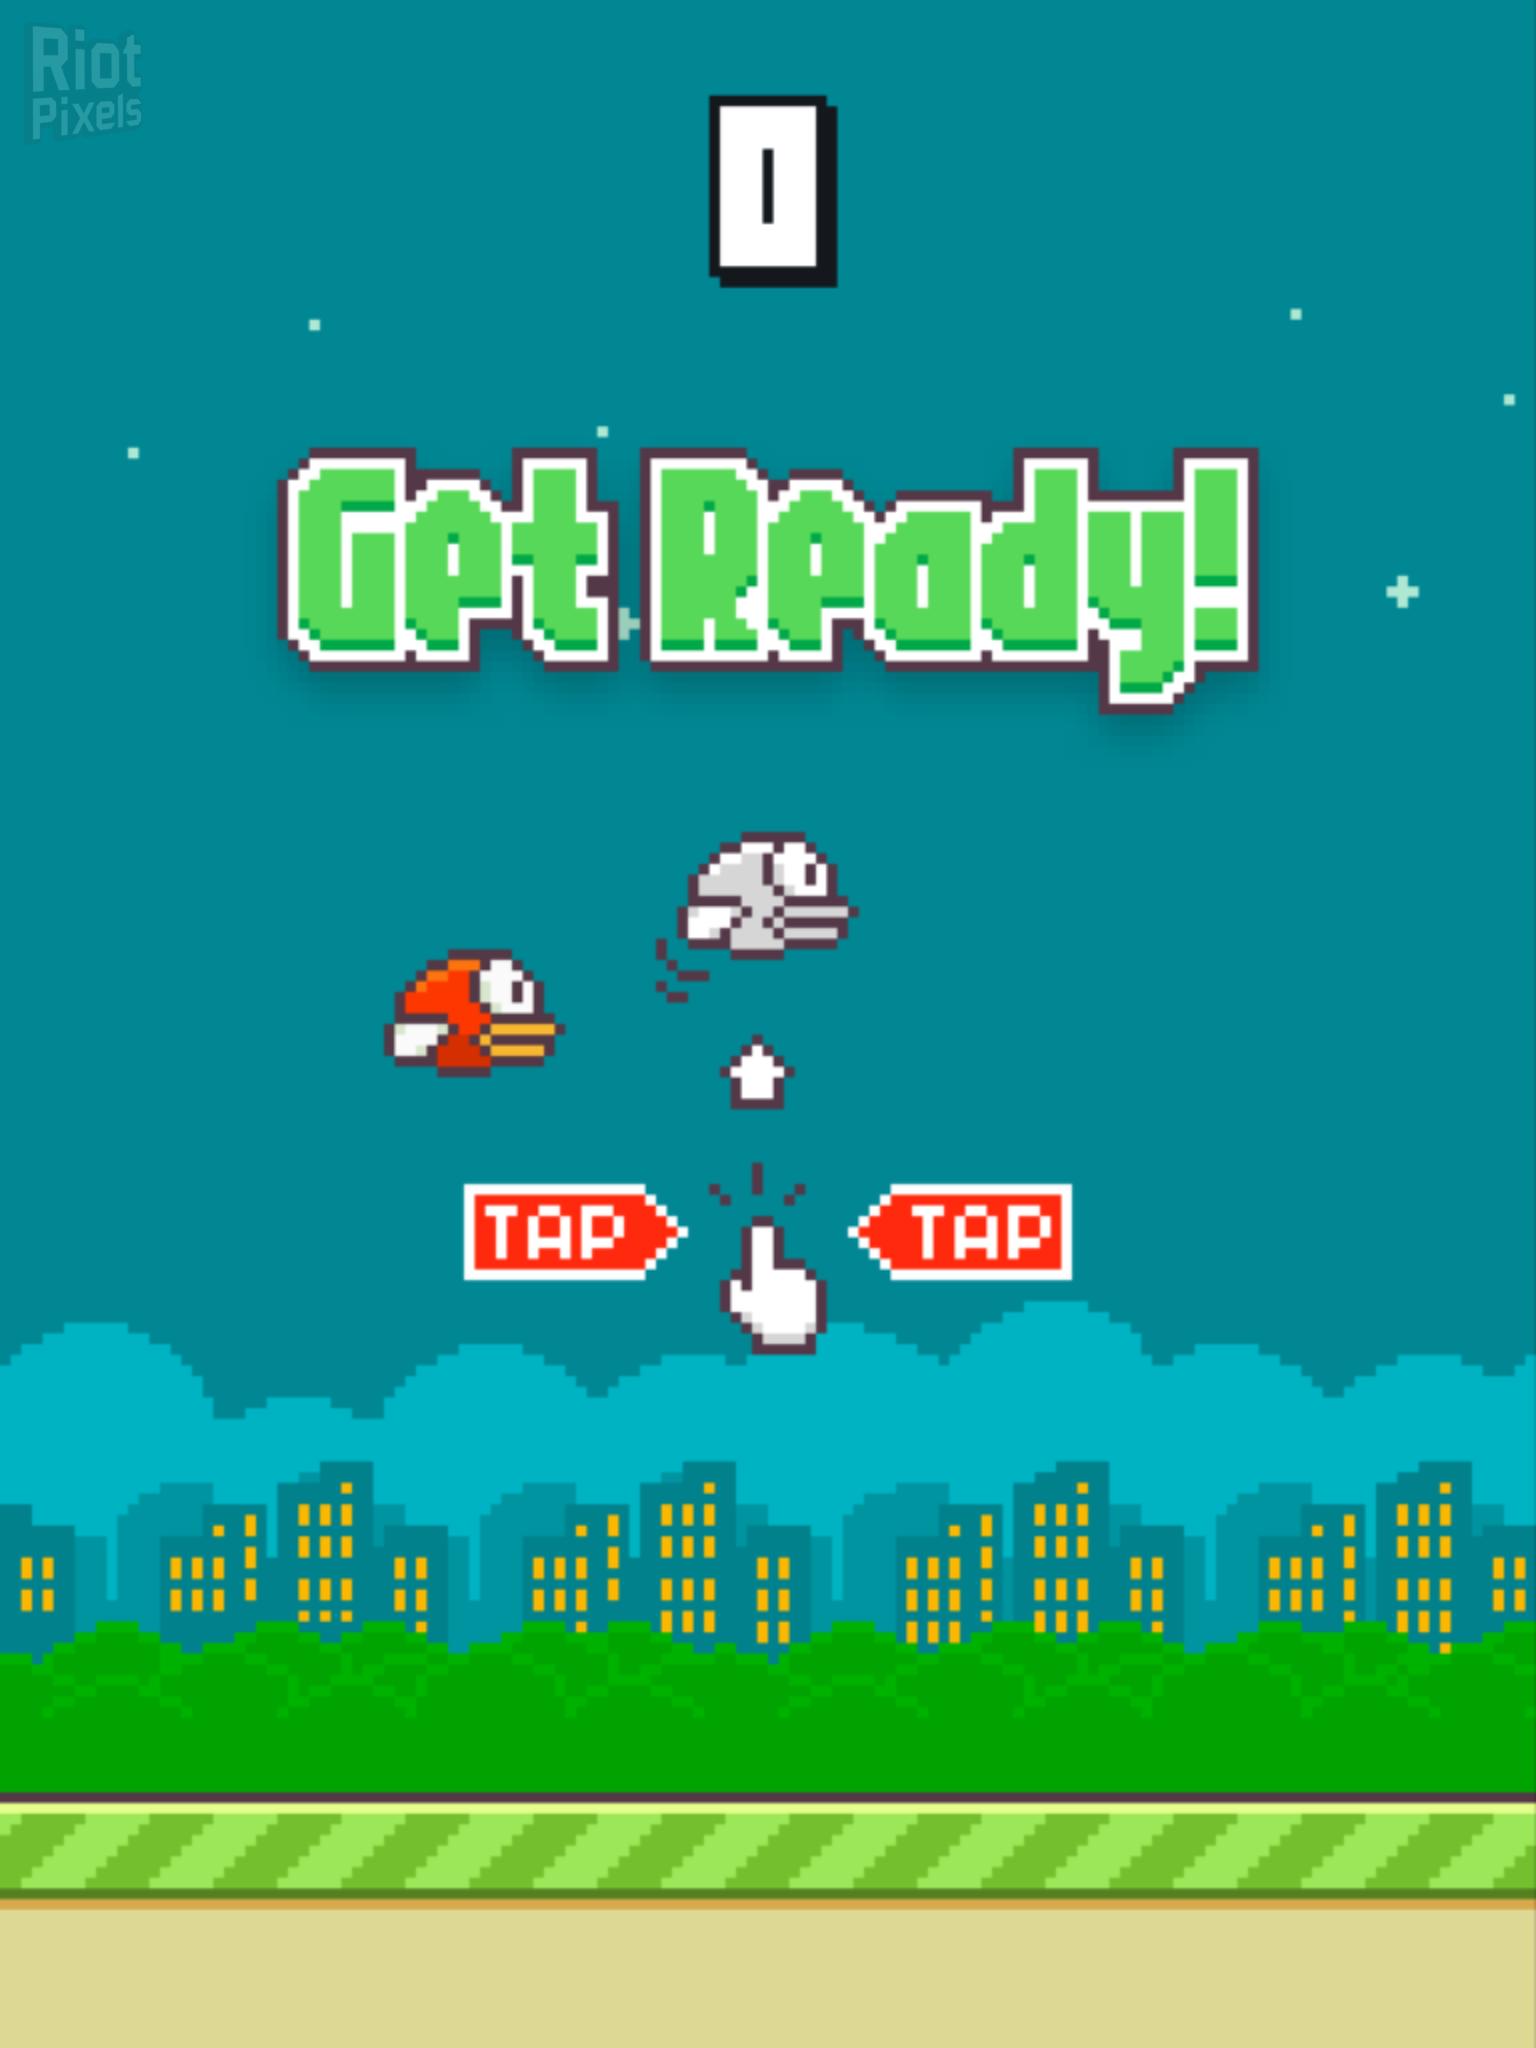 http://s01.riotpixels.net/data/ee/a9/eea9f2d5-e7d3-4aac-ad4c-3b8712a76b93.png/screenshot.flappy-bird.1536x2048.2014-02-10.1.png